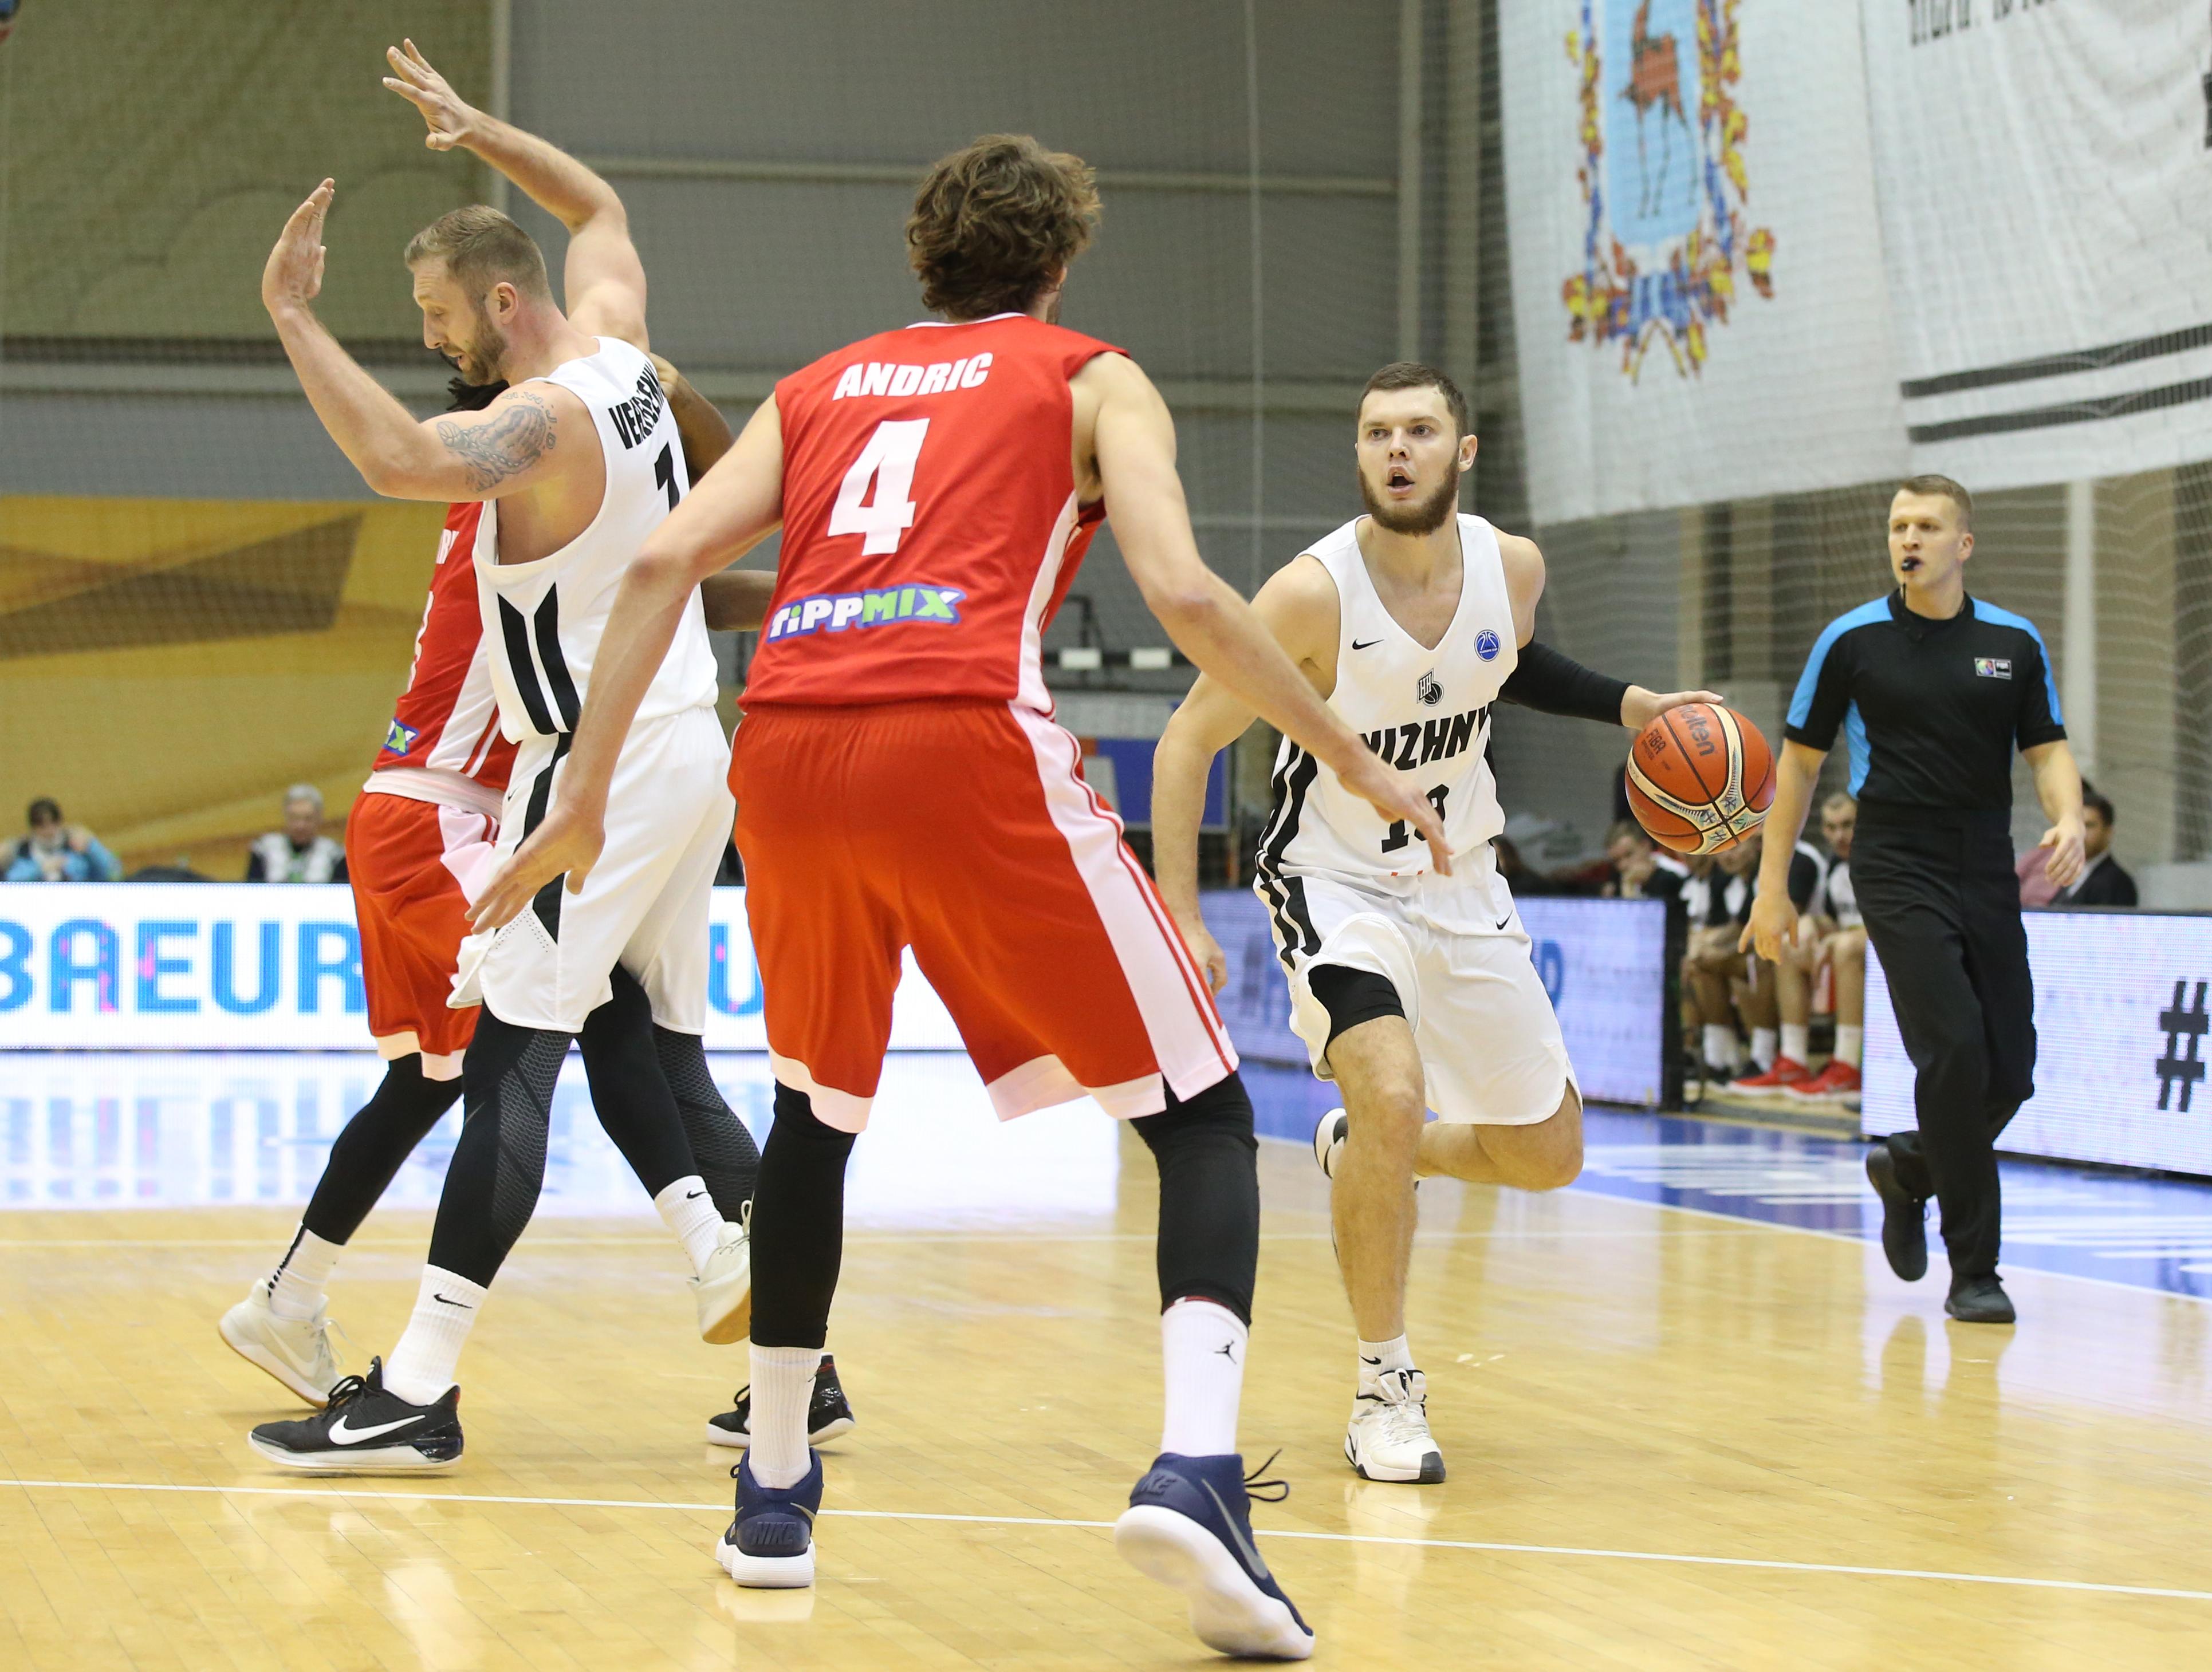 Баскетбольный клуб «Нижний Новгород» переиграл венгерский «Сольноки Олай»